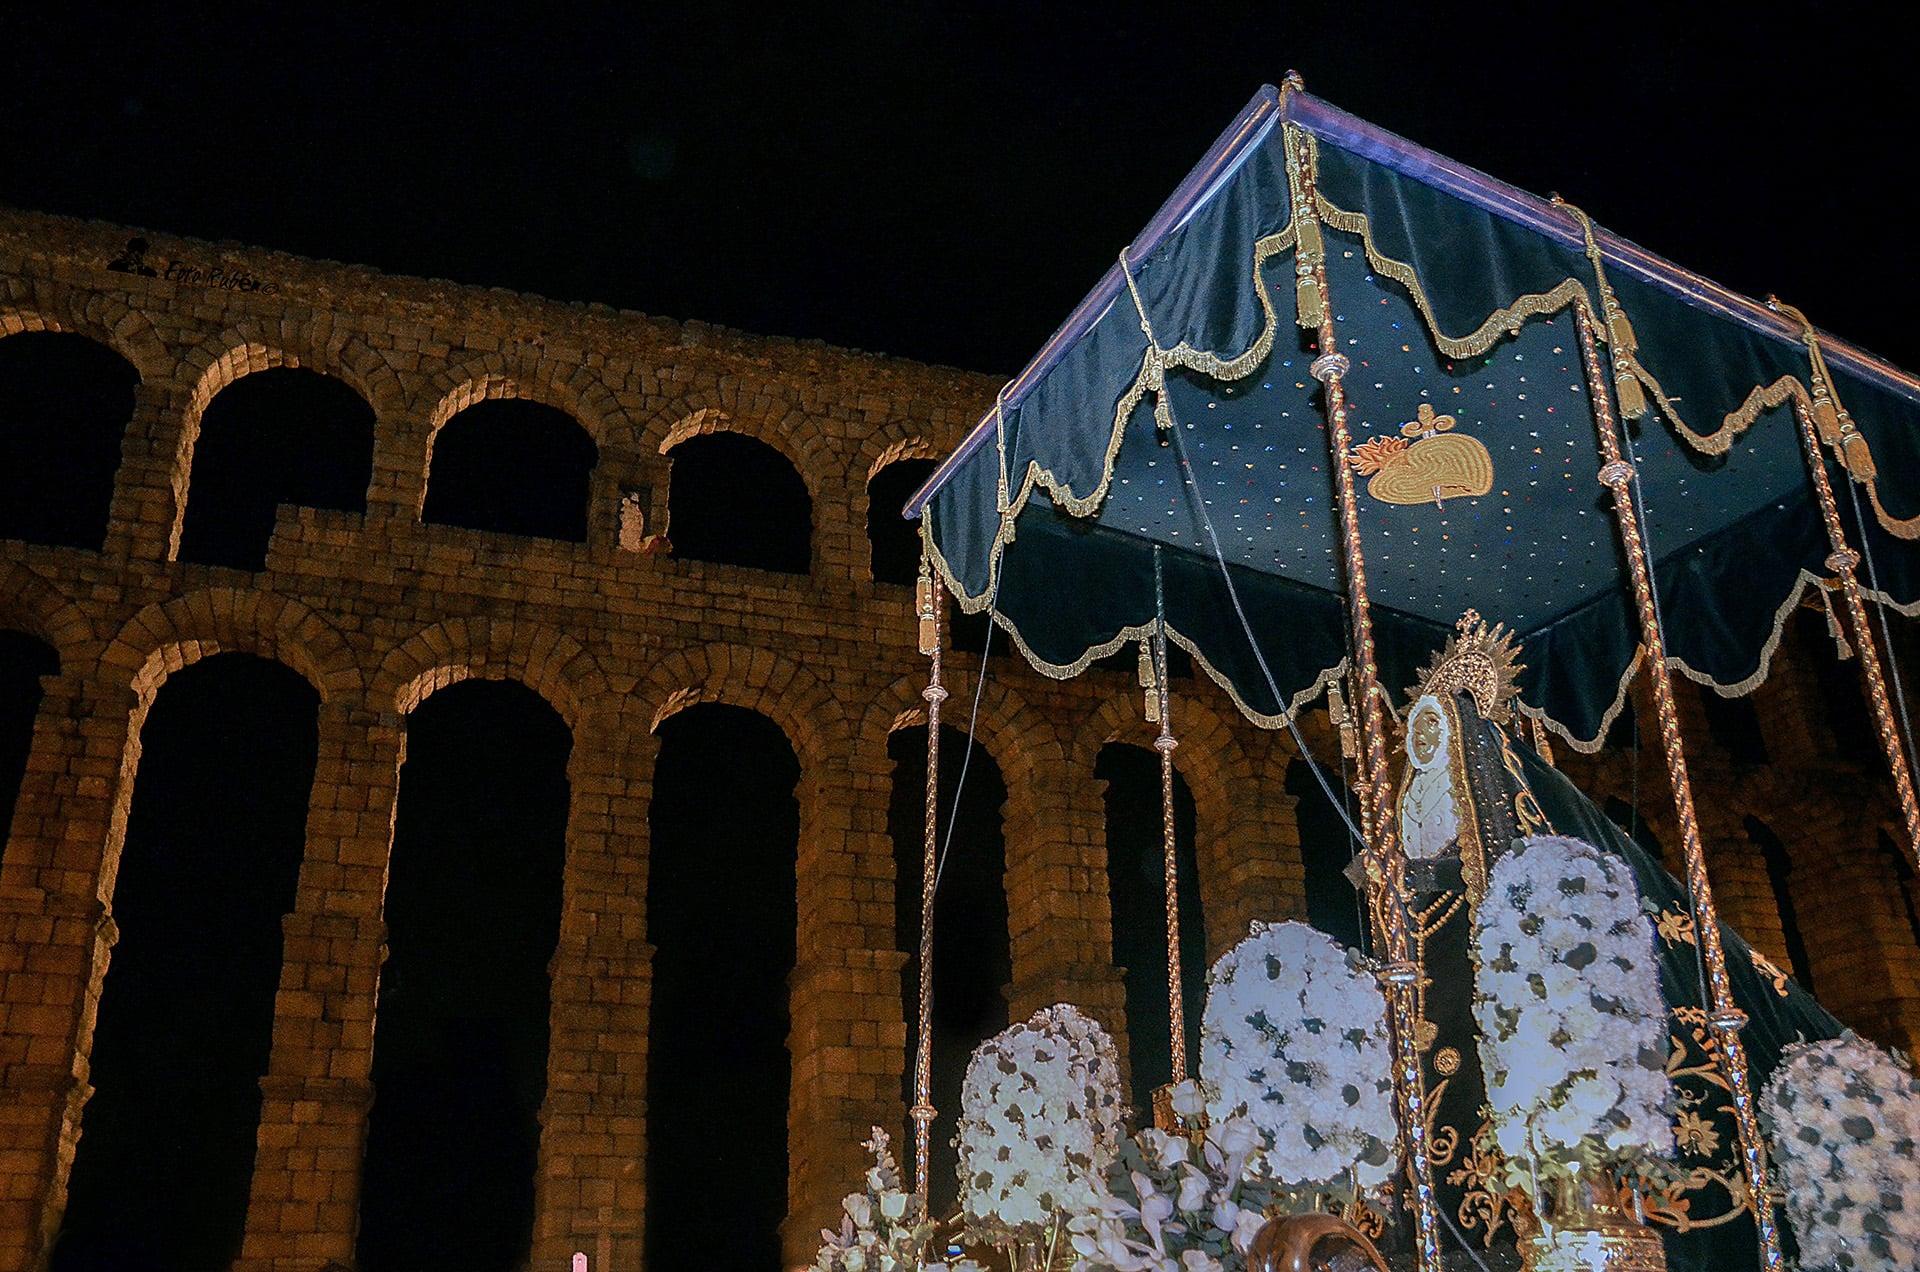 Procesión de Ntra. Sra. de la Soledad Dolorosa, Segovia 2